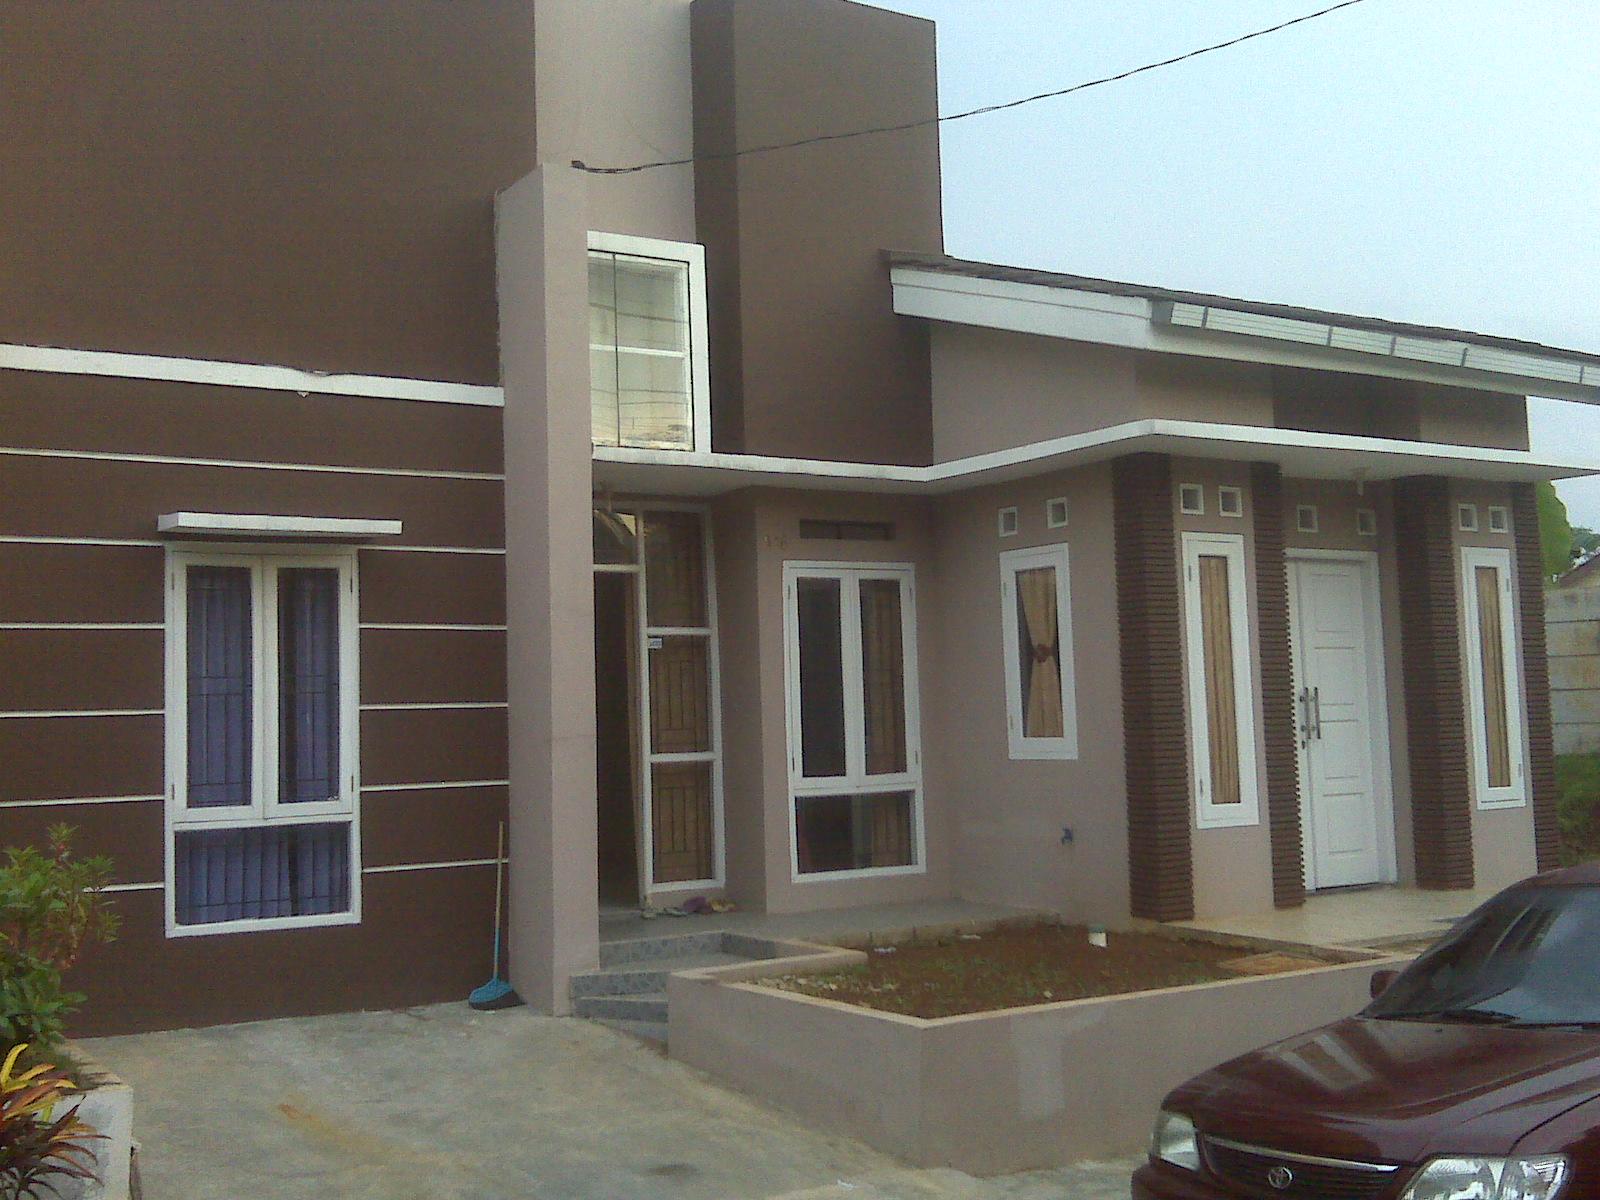 Cat Rumah Tampak Depan Warna Coklat | Top Rumah